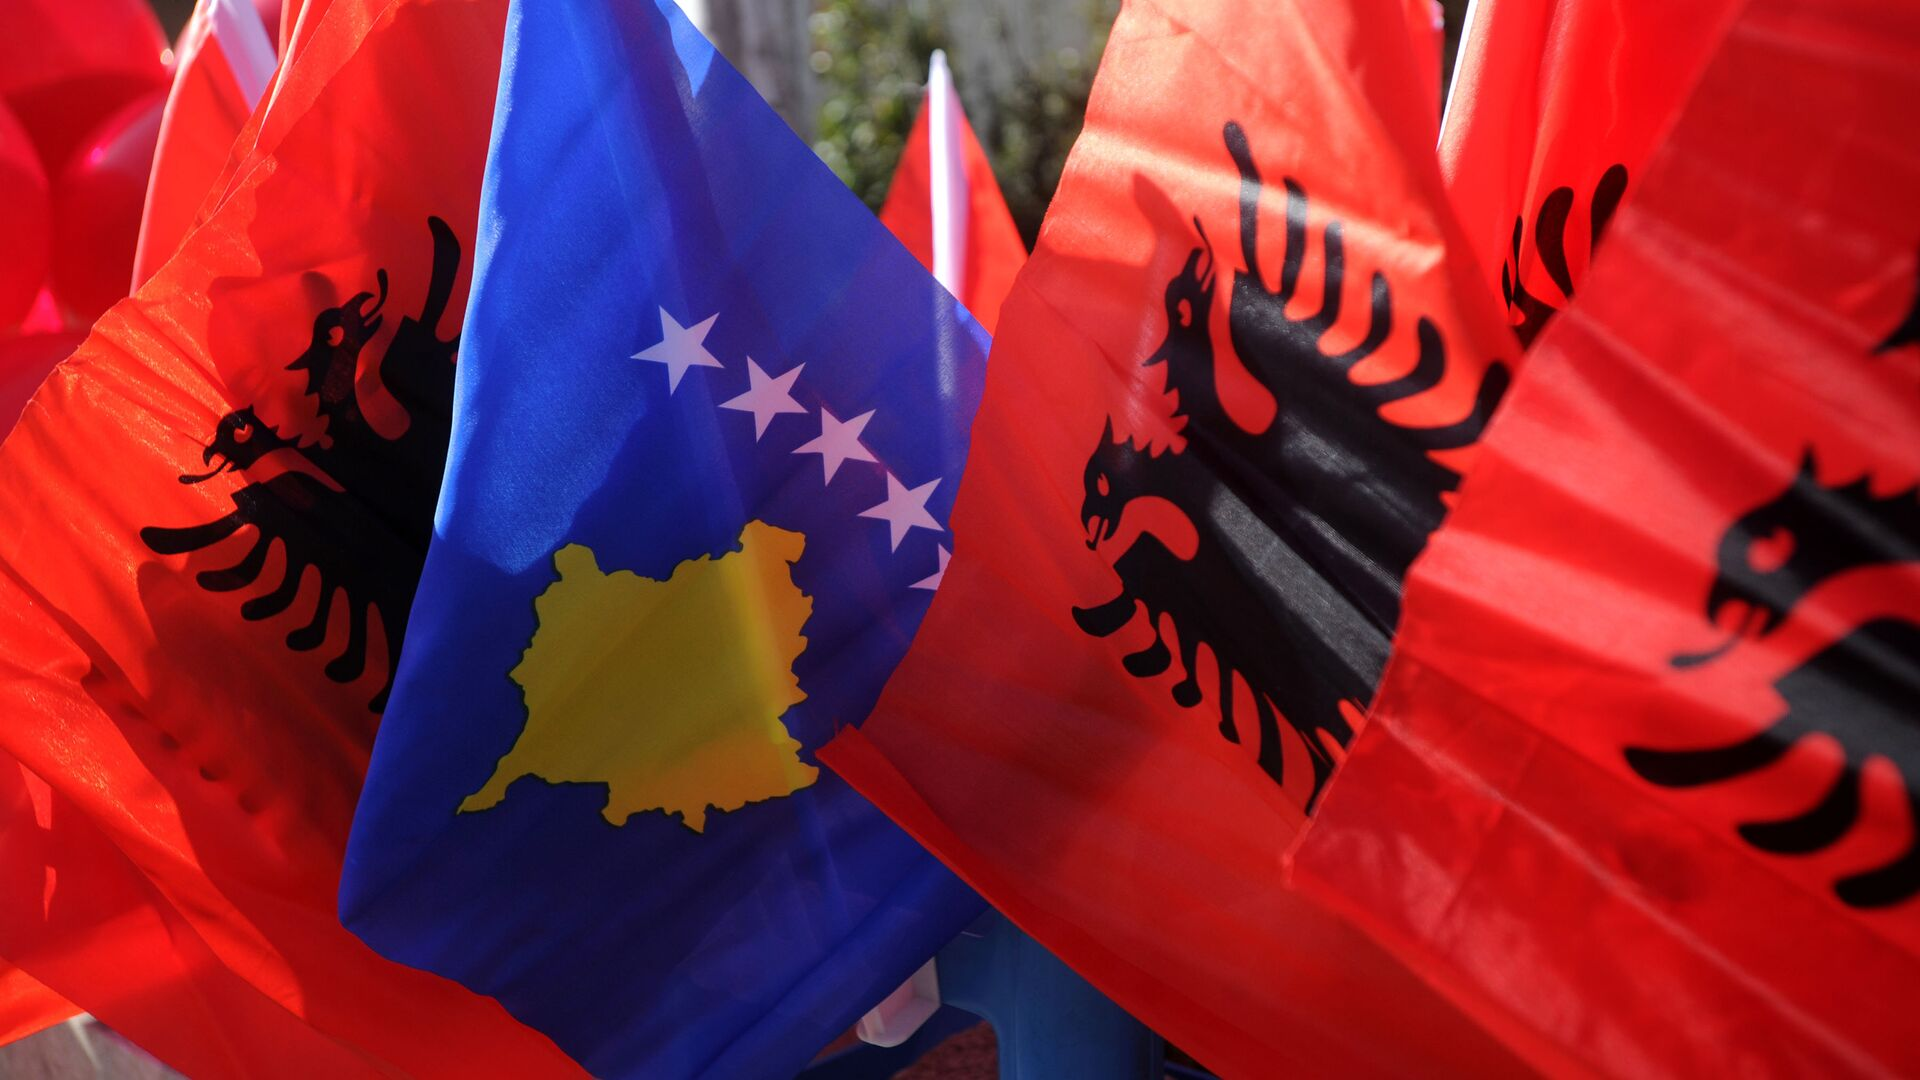 Zastave Albanije i Kosova - Sputnik Srbija, 1920, 17.02.2021